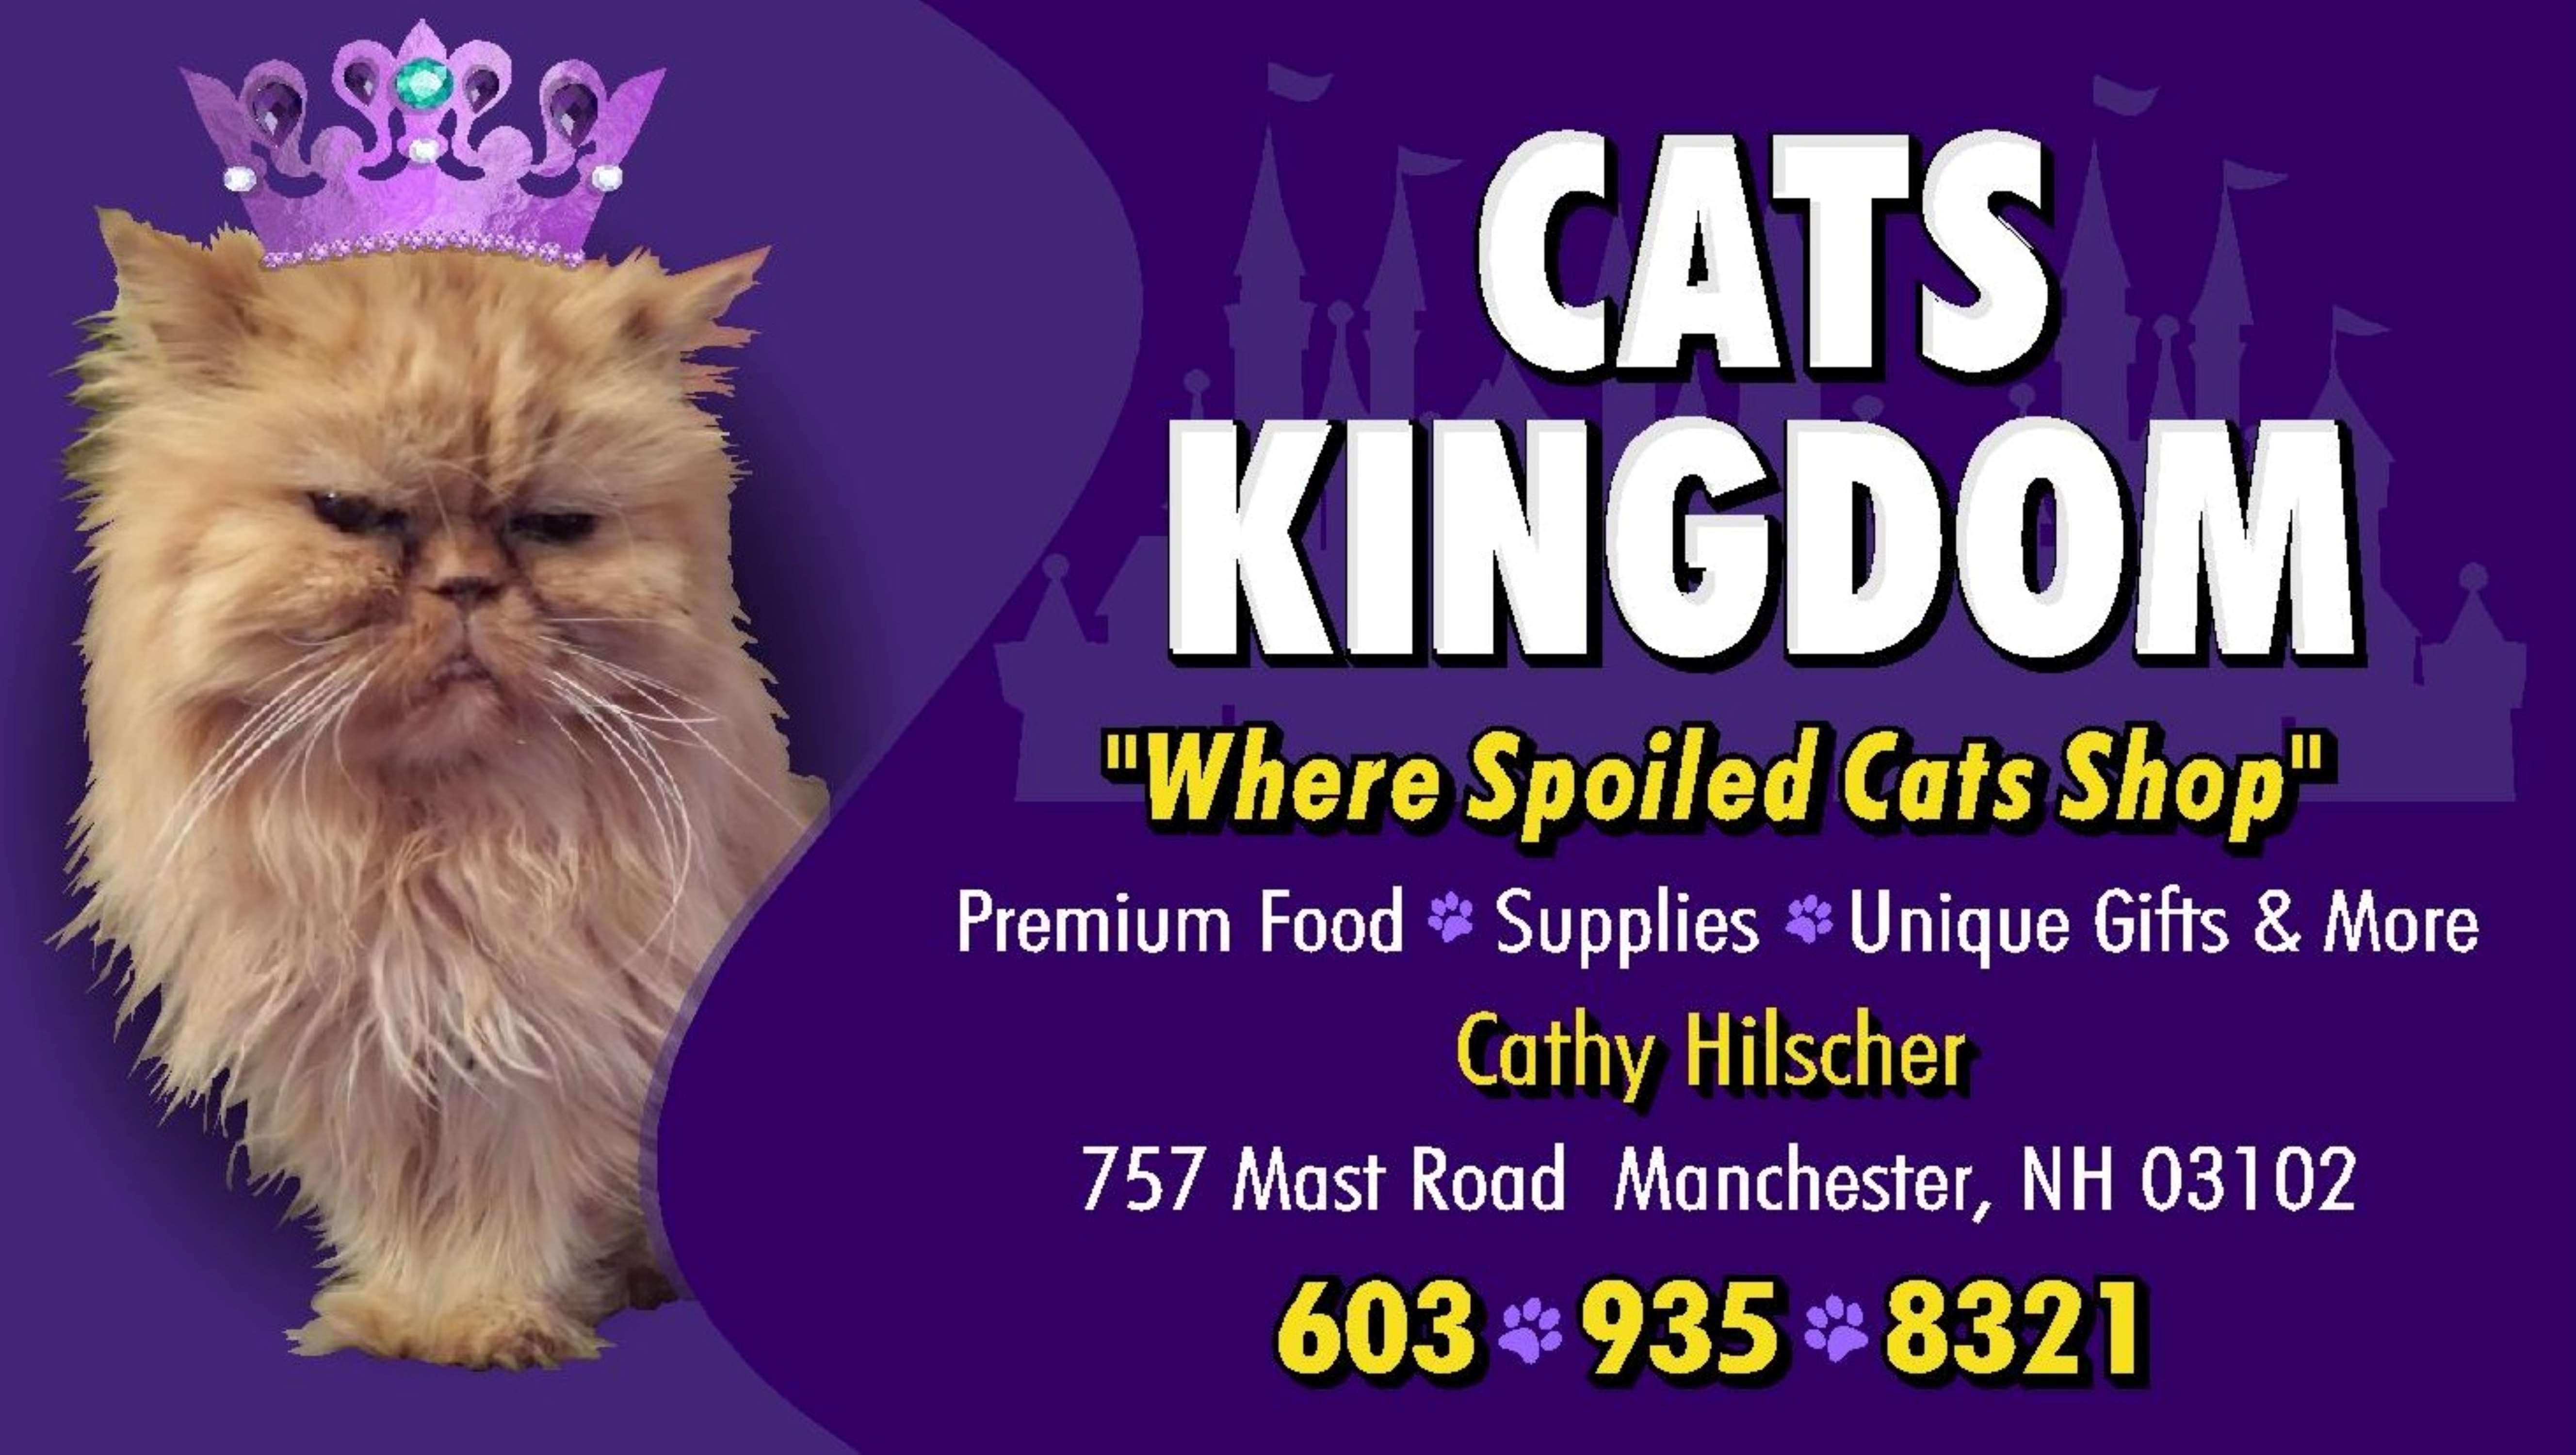 Cats Kingdom